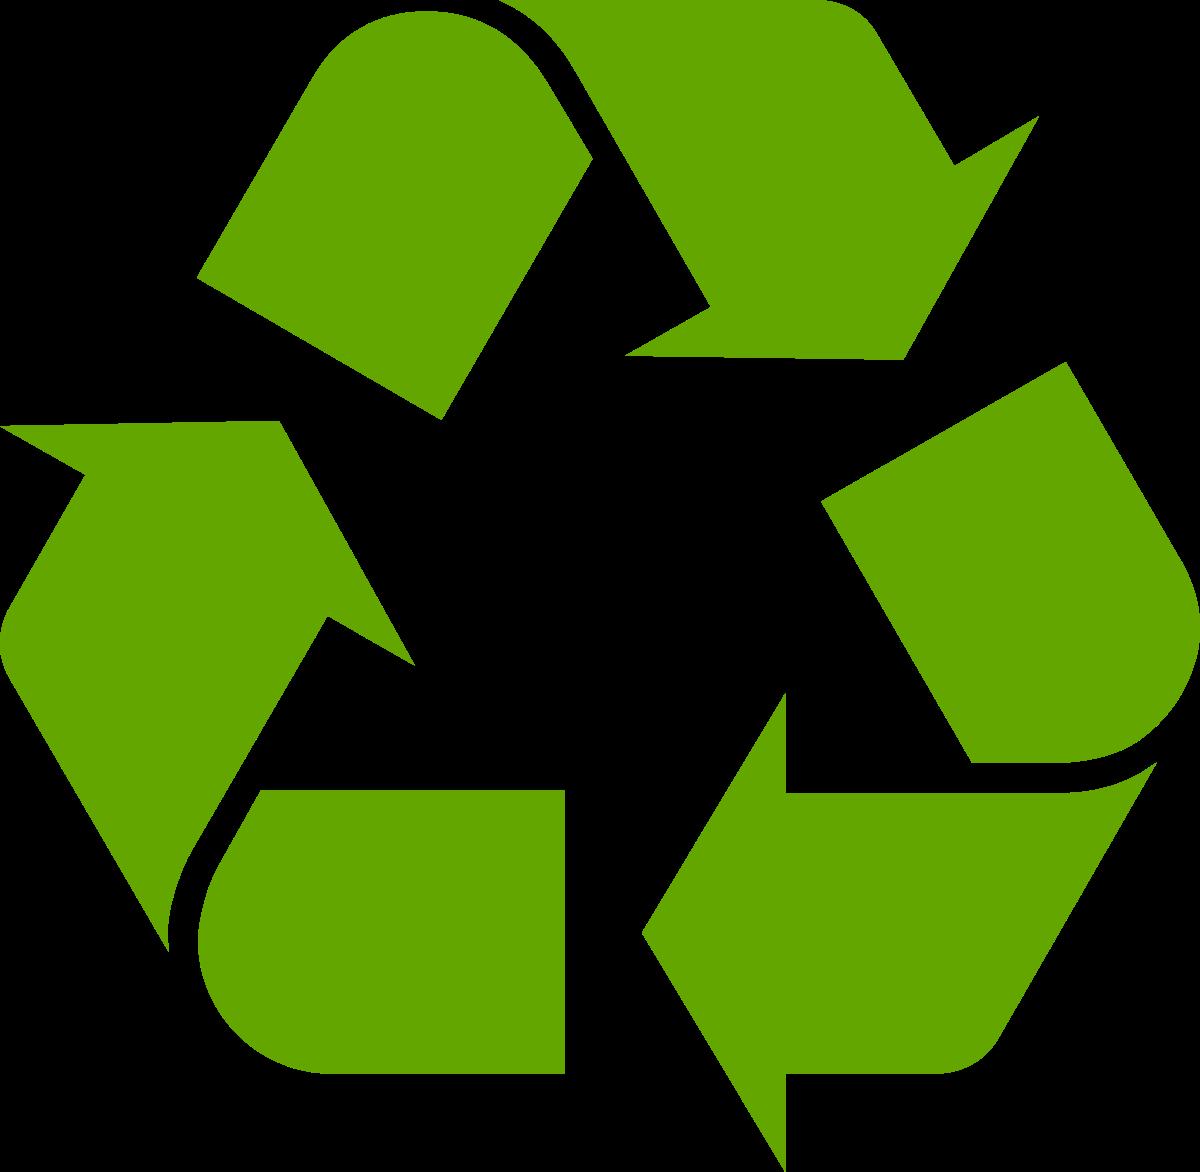 simbolo-de-reciclagem-4